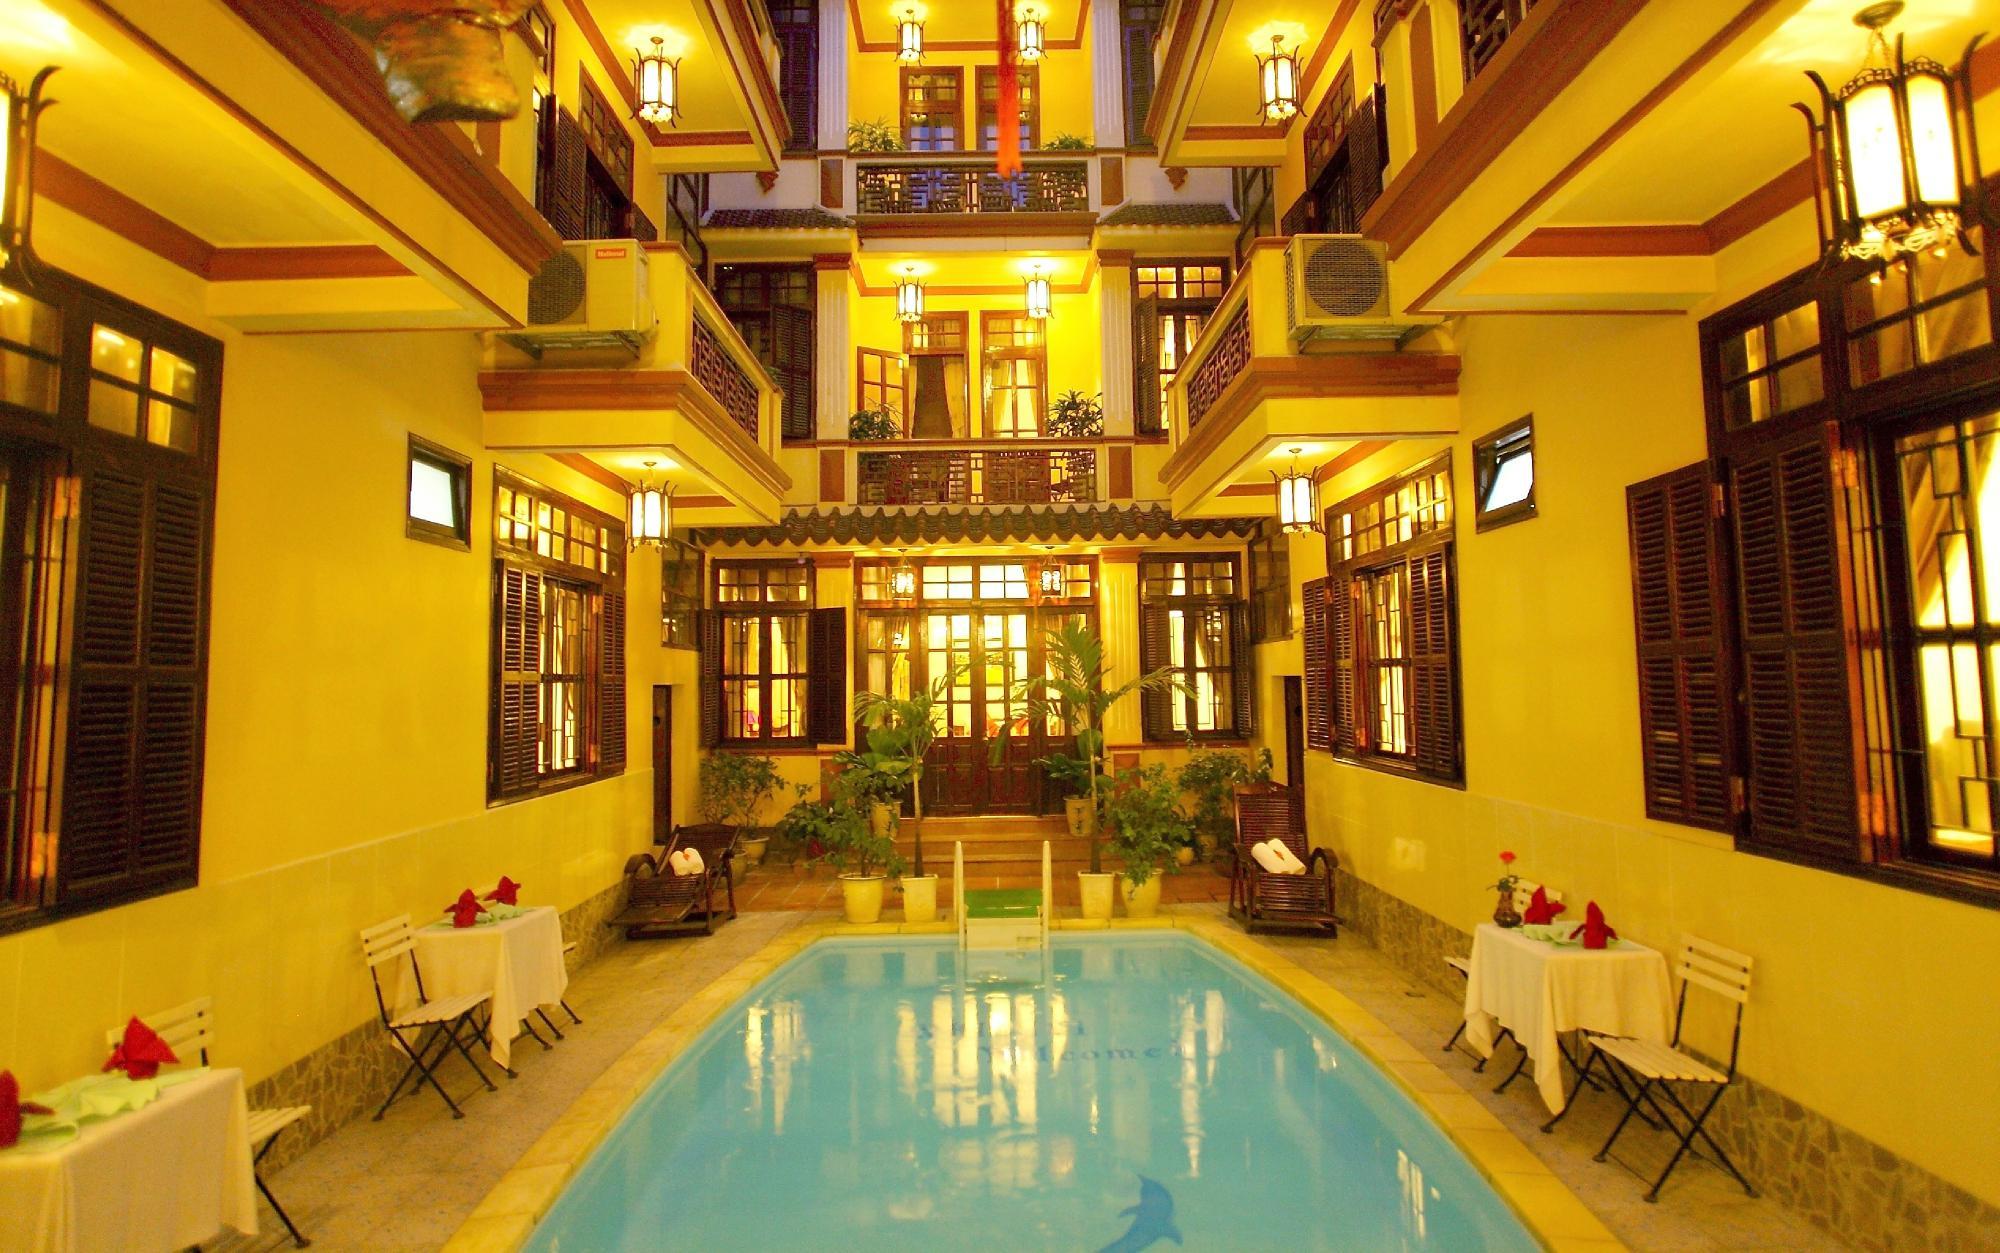 Nhi Nhi Hotel